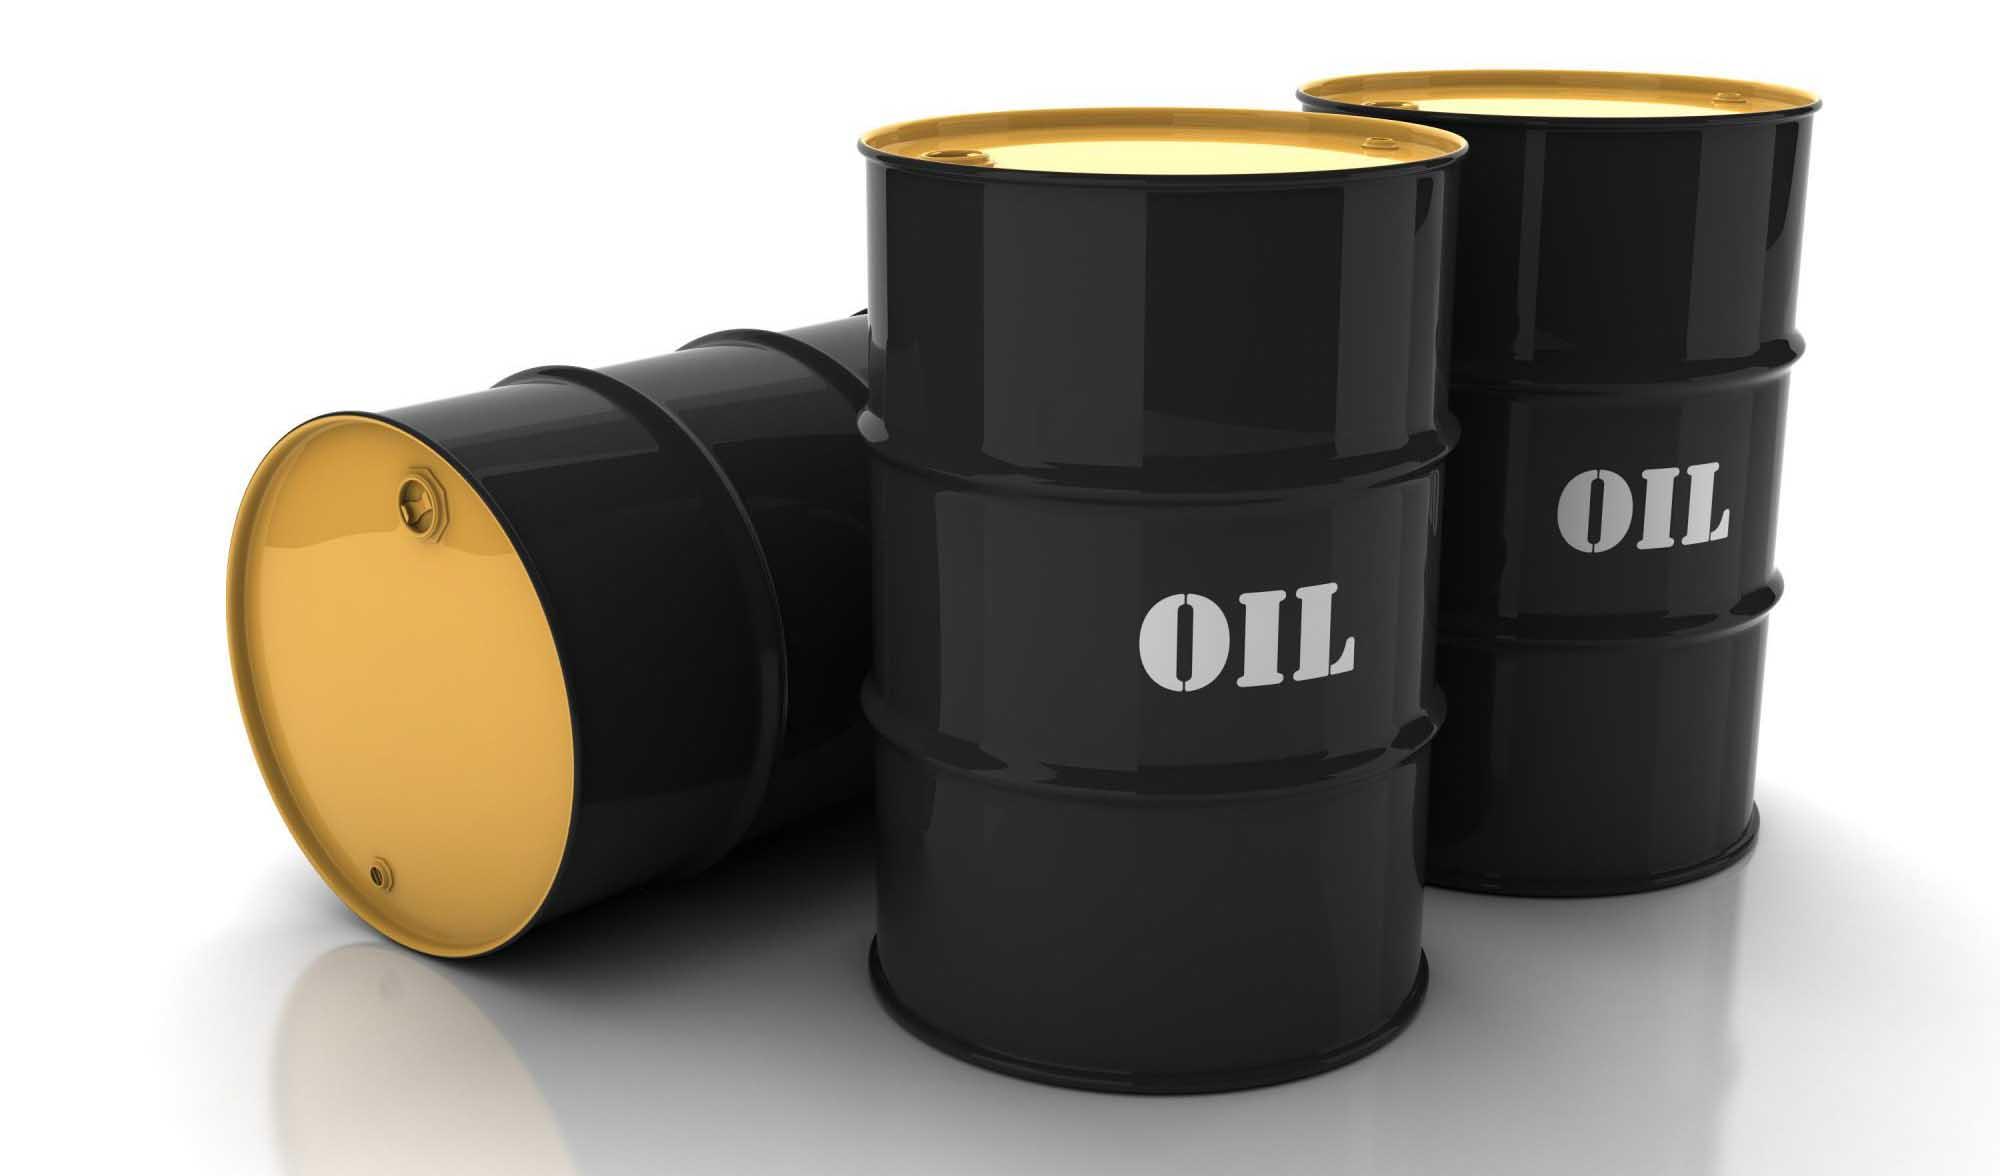 ۱۰ دلیل برای مخالفت شدید با انتشار اوراق پیشفروش نفت